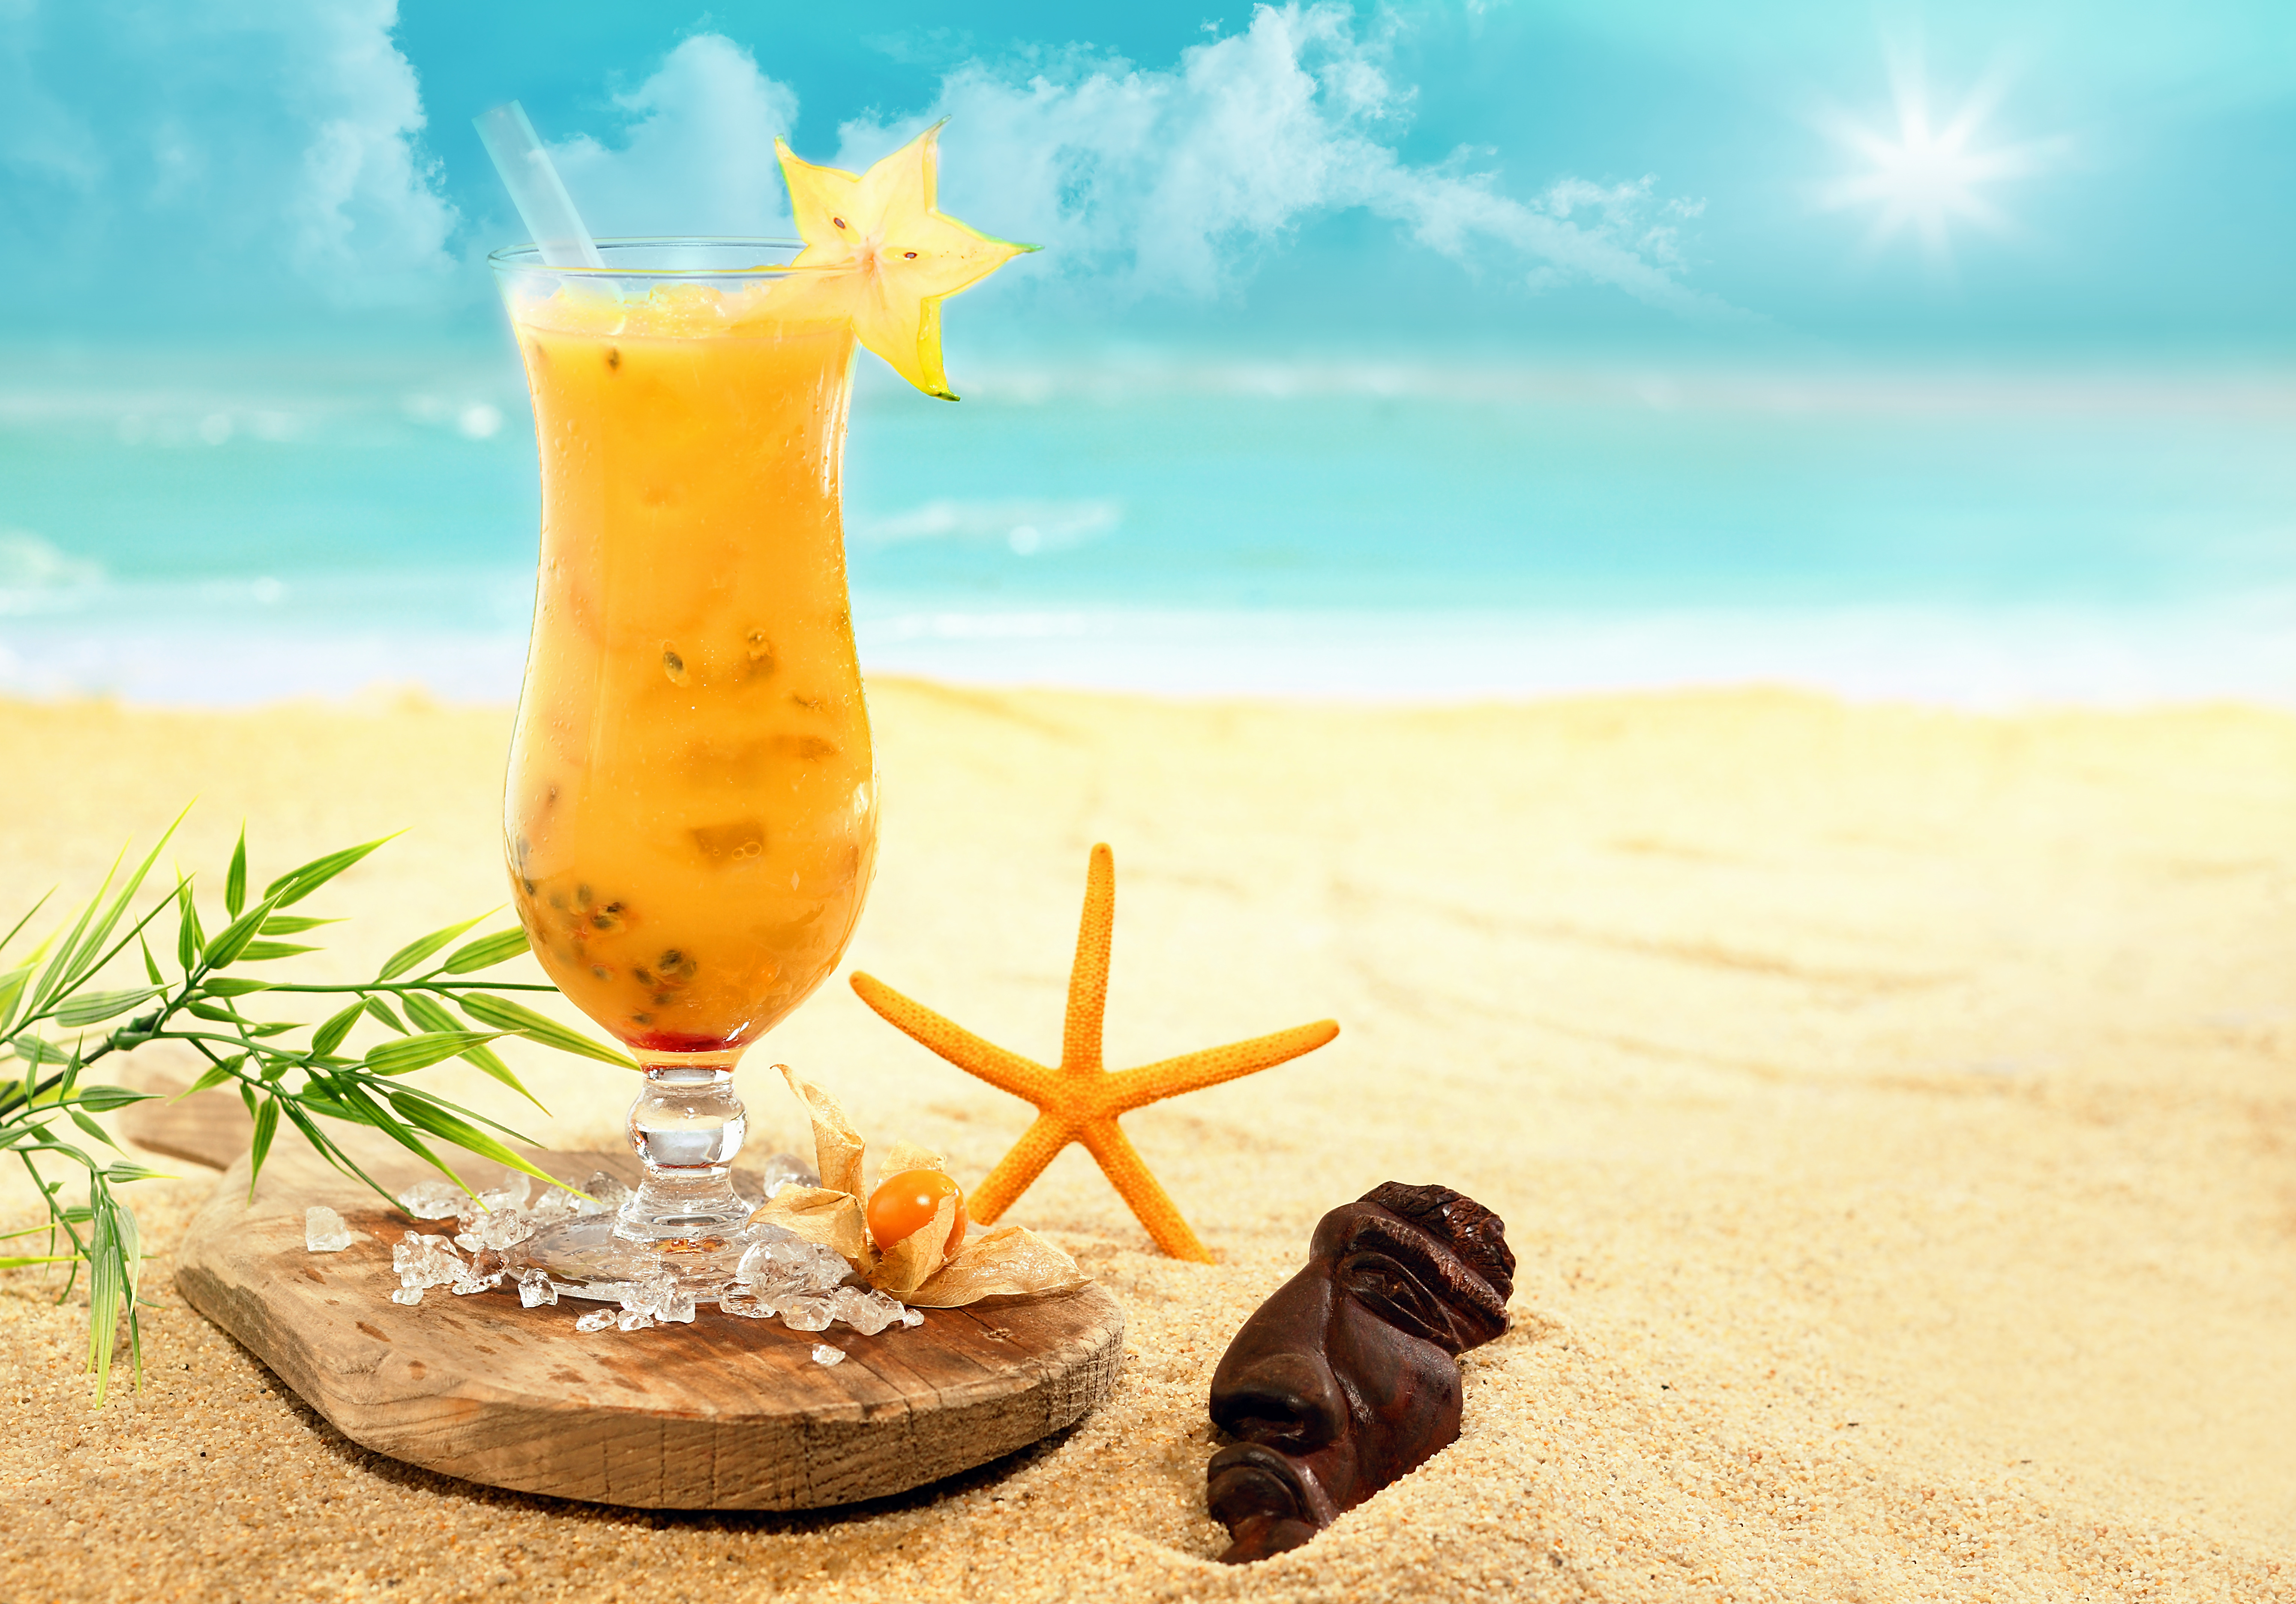 утро пляж лето картинки летний